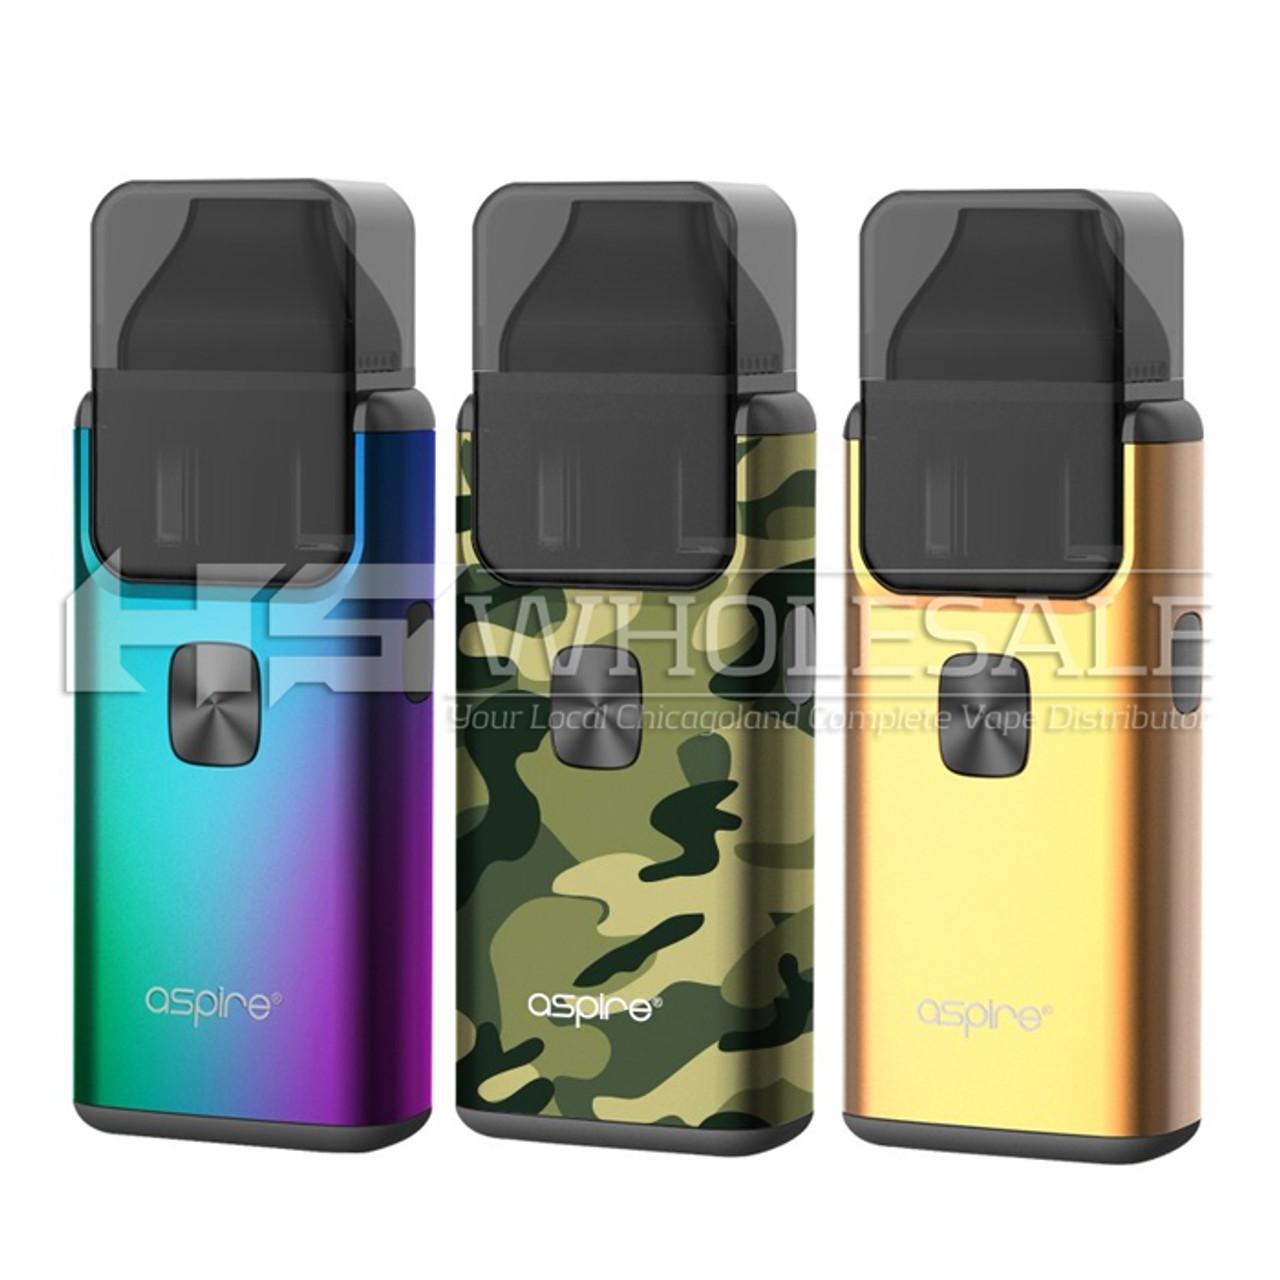 Aspire Breeze 2 AIO Kit Limited Edition Colors | HS Wholesale